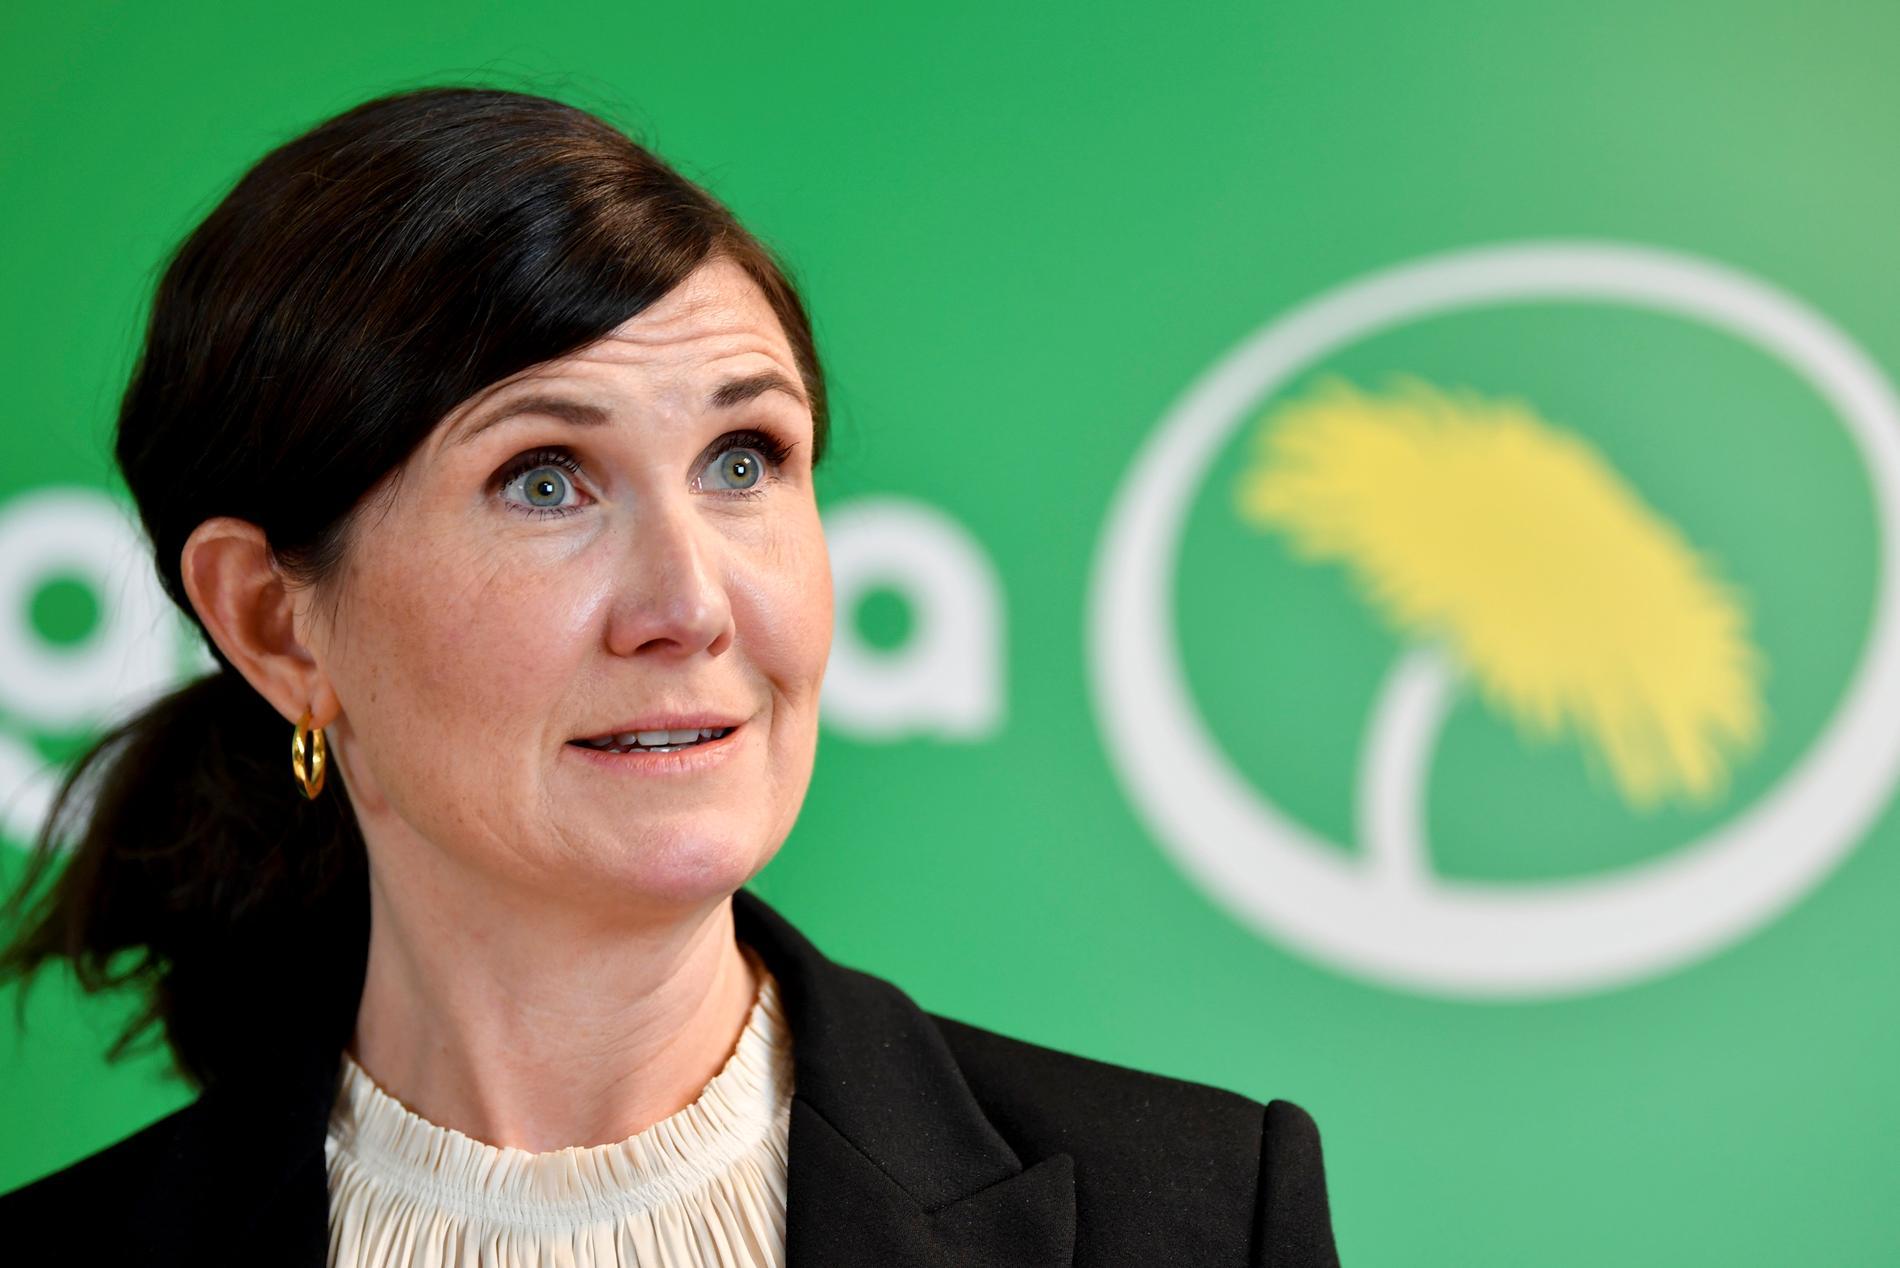 Miljöpartiets språkrör Märta Stenevi. Arkivbild.